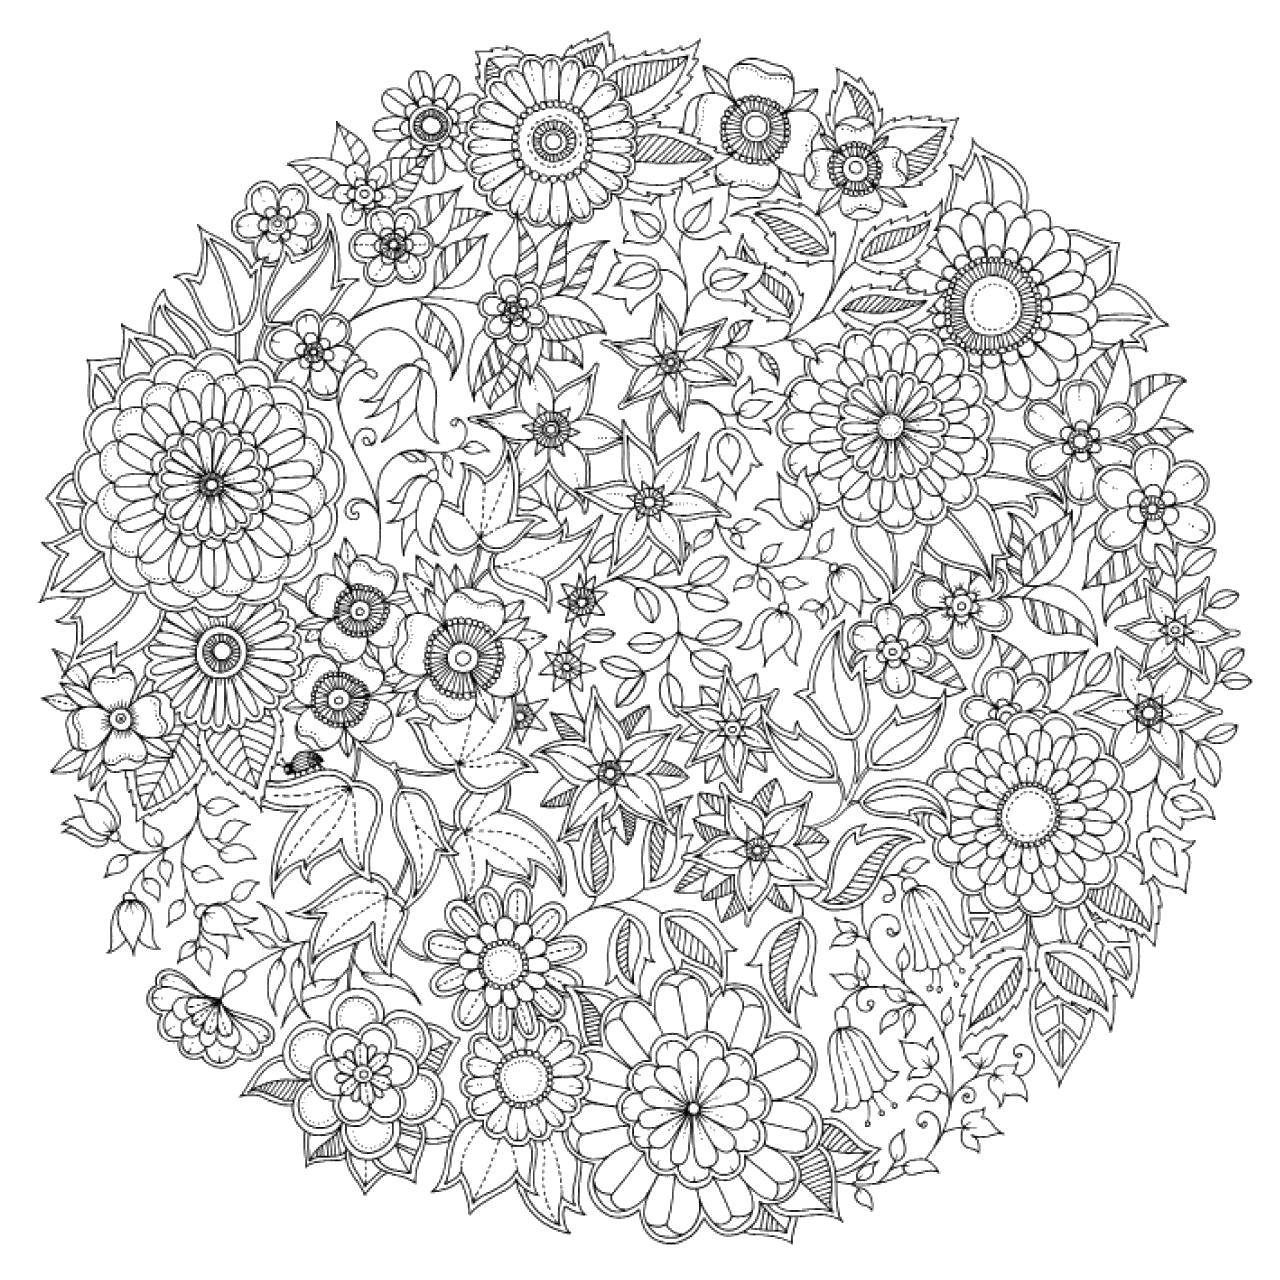 Раскраска  мандала из цветов. Скачать узоры, цветы, круглые, для взрослых.  Распечатать антистресс